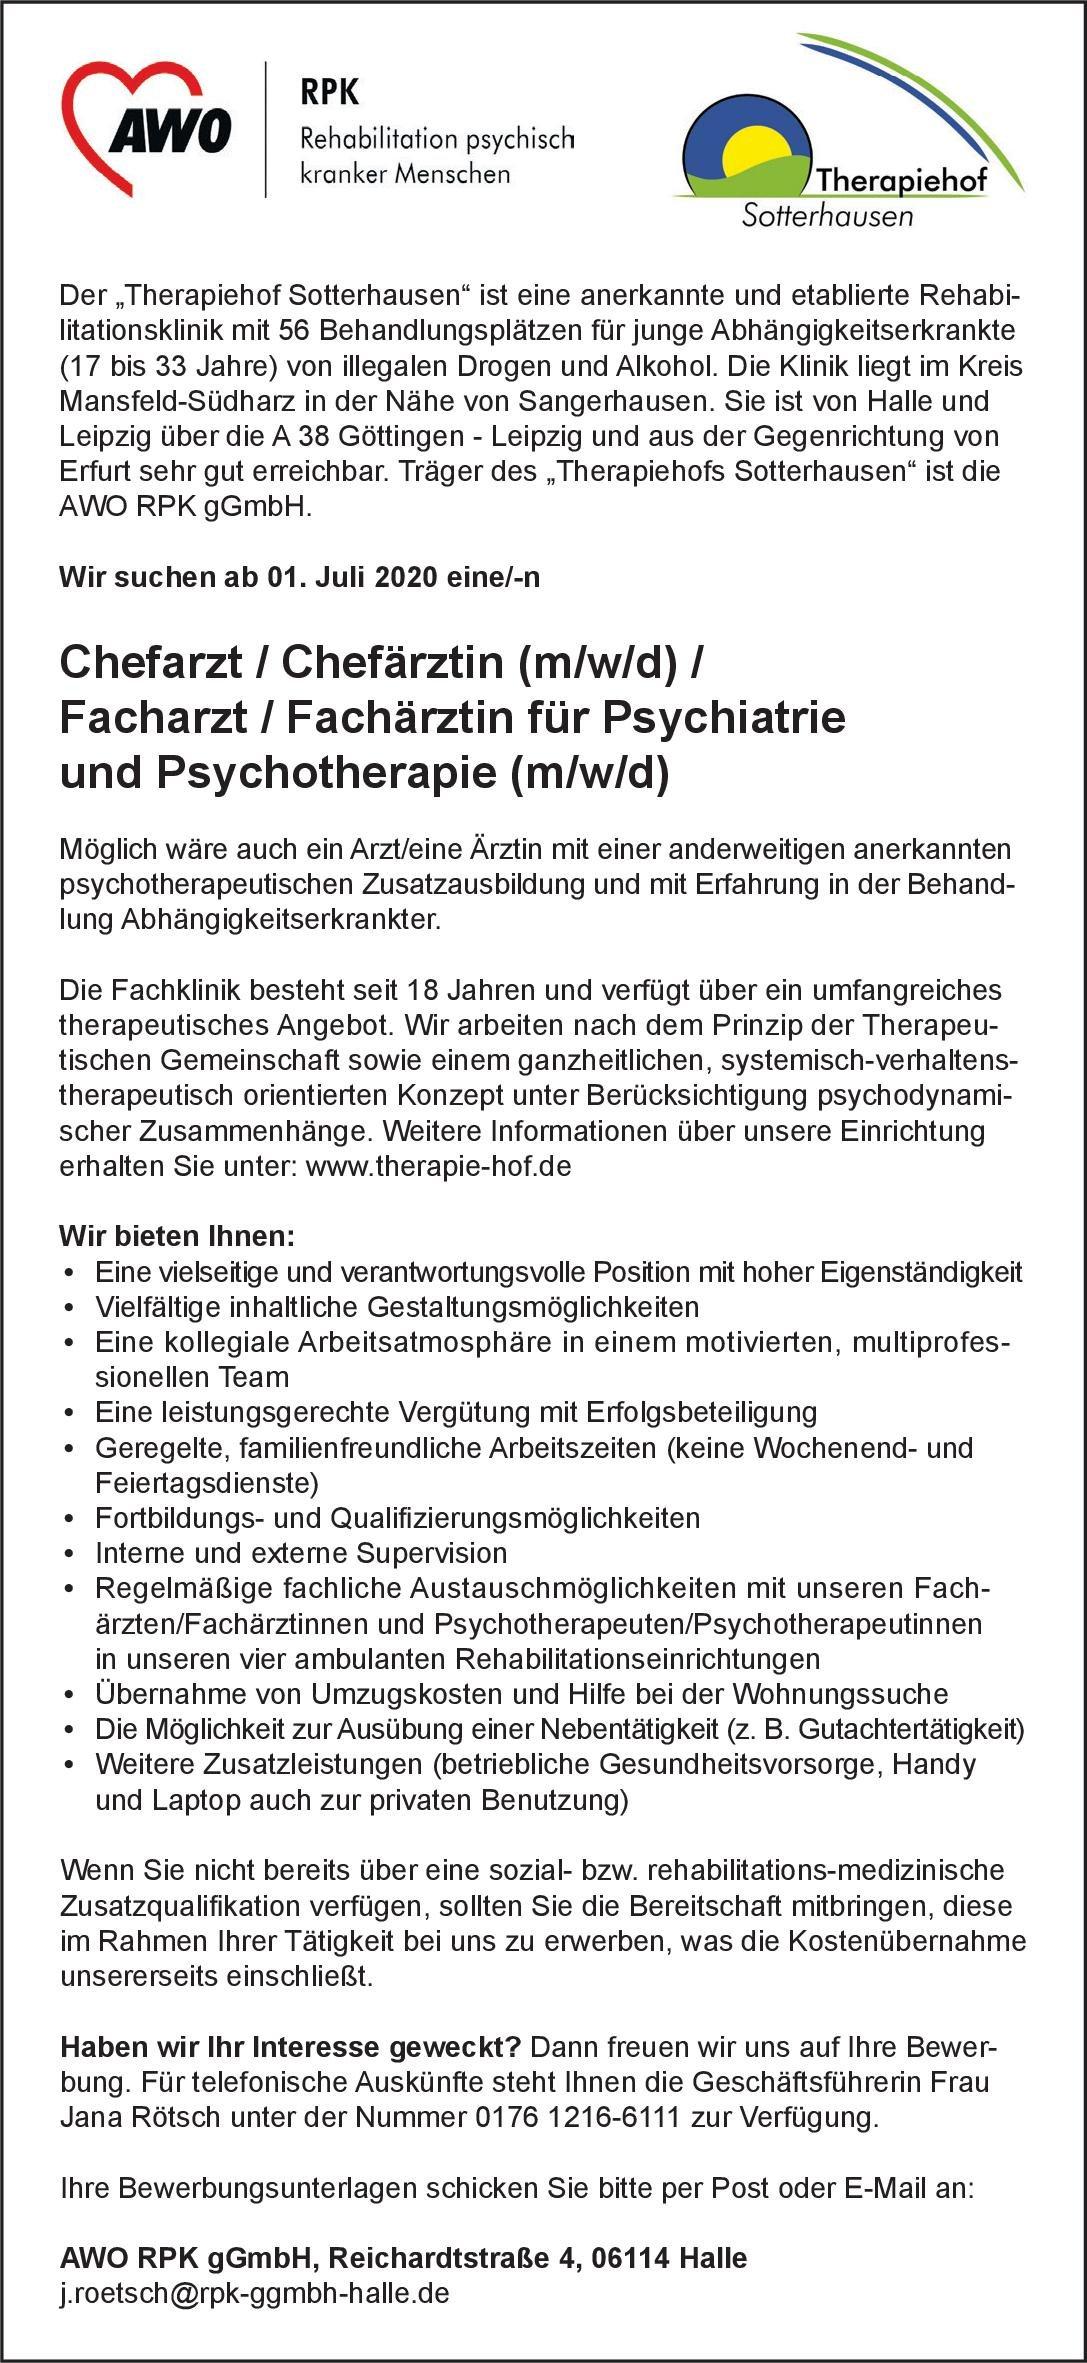 AWO RPK gGmbH Chefarzt /Chefärztin (m/w/d) /Facharzt / Fachärztin für Psychiatrie und Psychotherapie (m/w/d)  Psychiatrie und Psychotherapie, Psychiatrie und Psychotherapie Arzt / Facharzt, Chefarzt